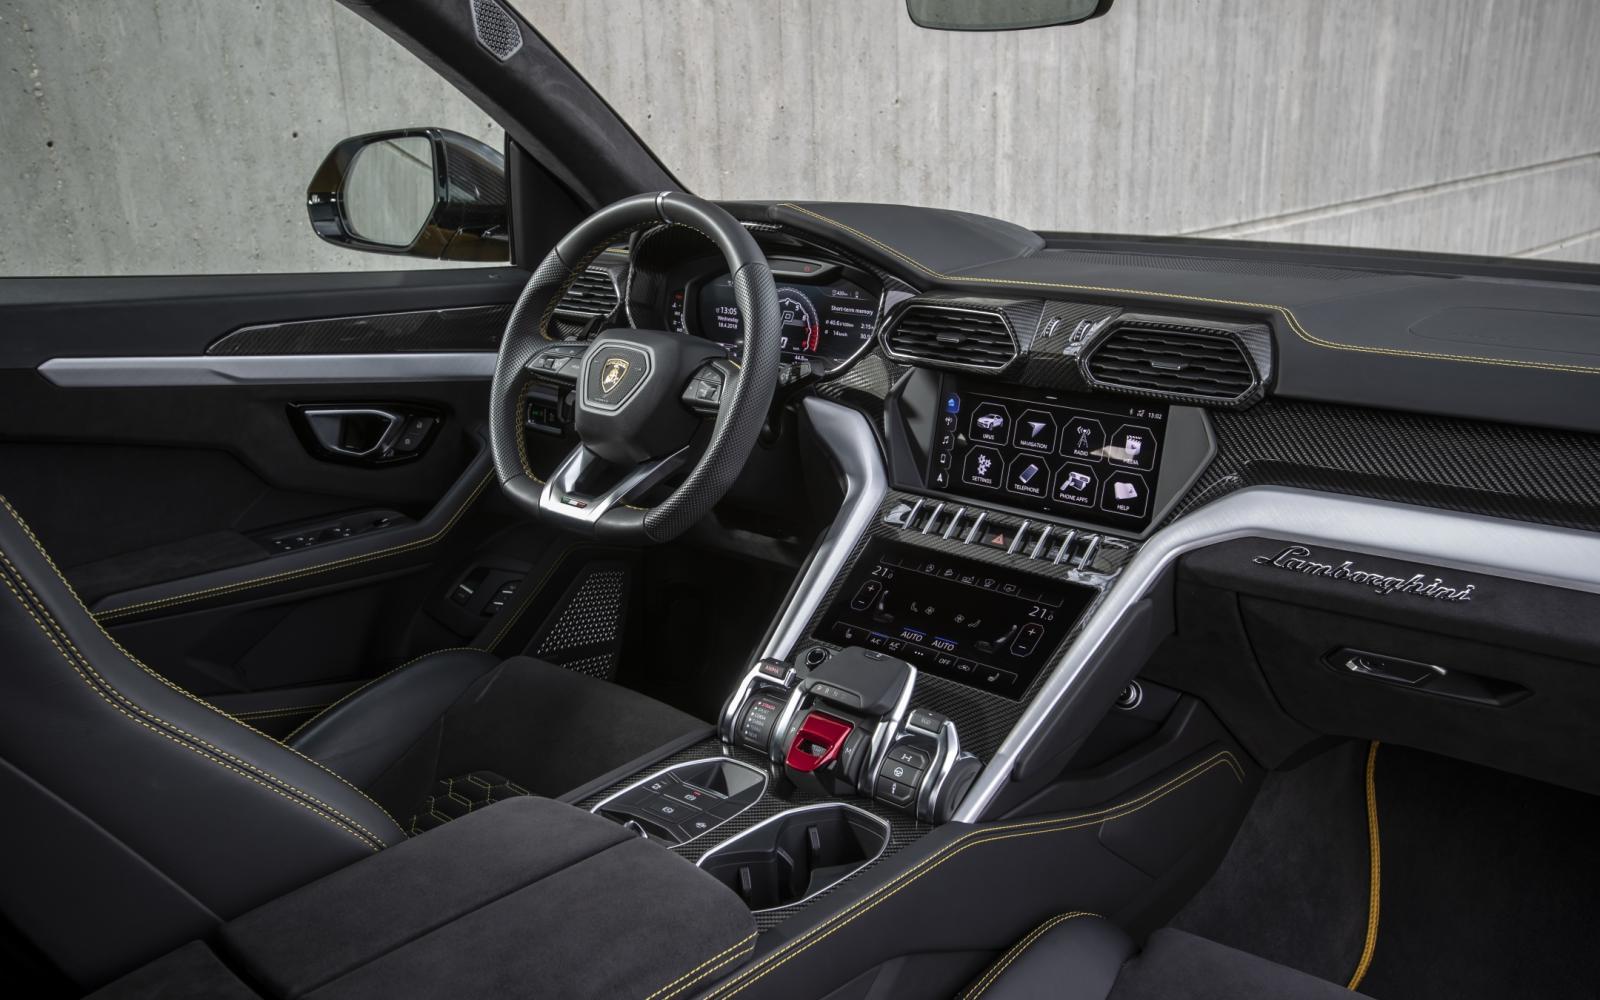 De Lamborghini Urus is een vraatzuchtige alleseter